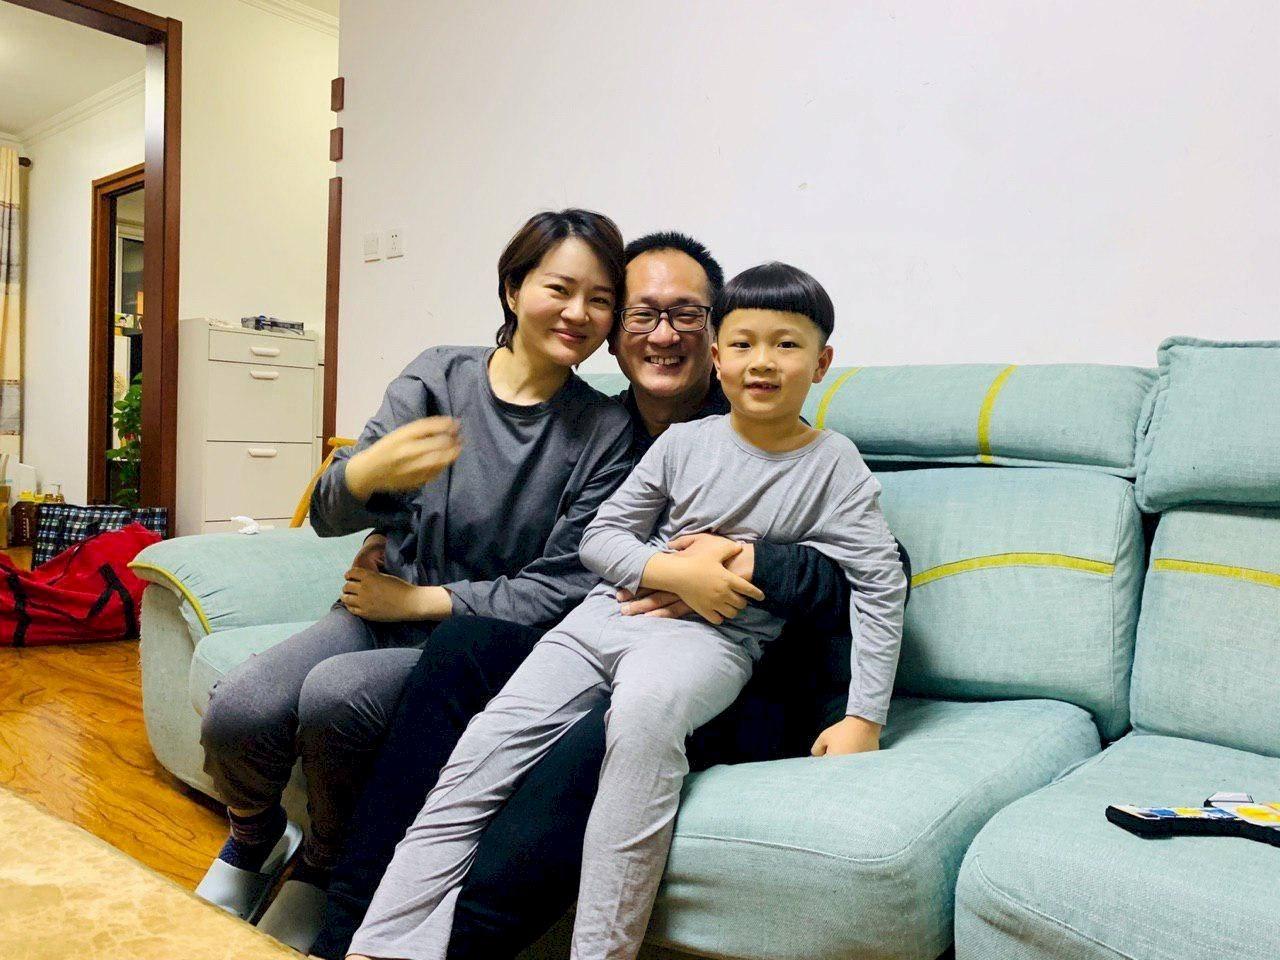 獲釋後首度受訪 維權律師王全璋控受虐被迫認罪